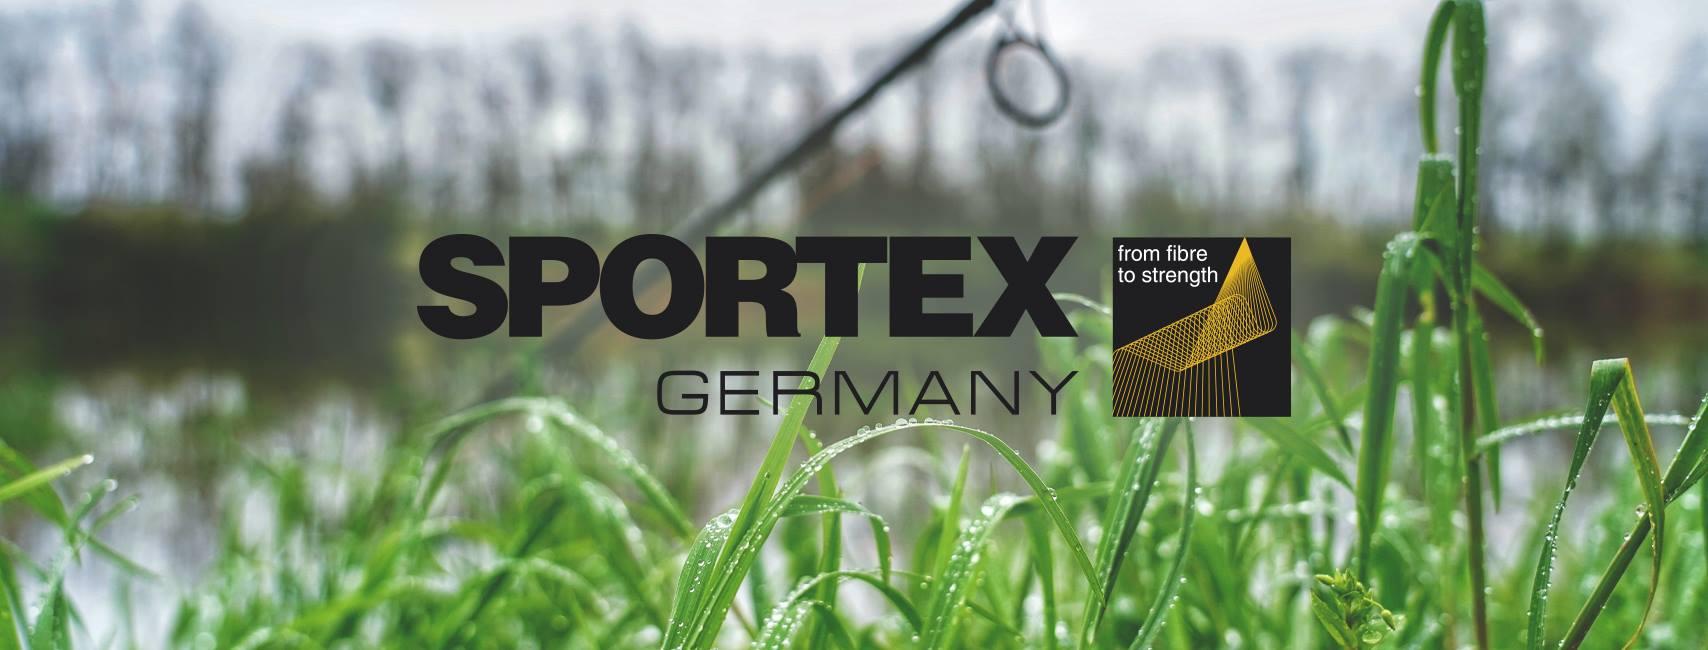 Sportex pruty